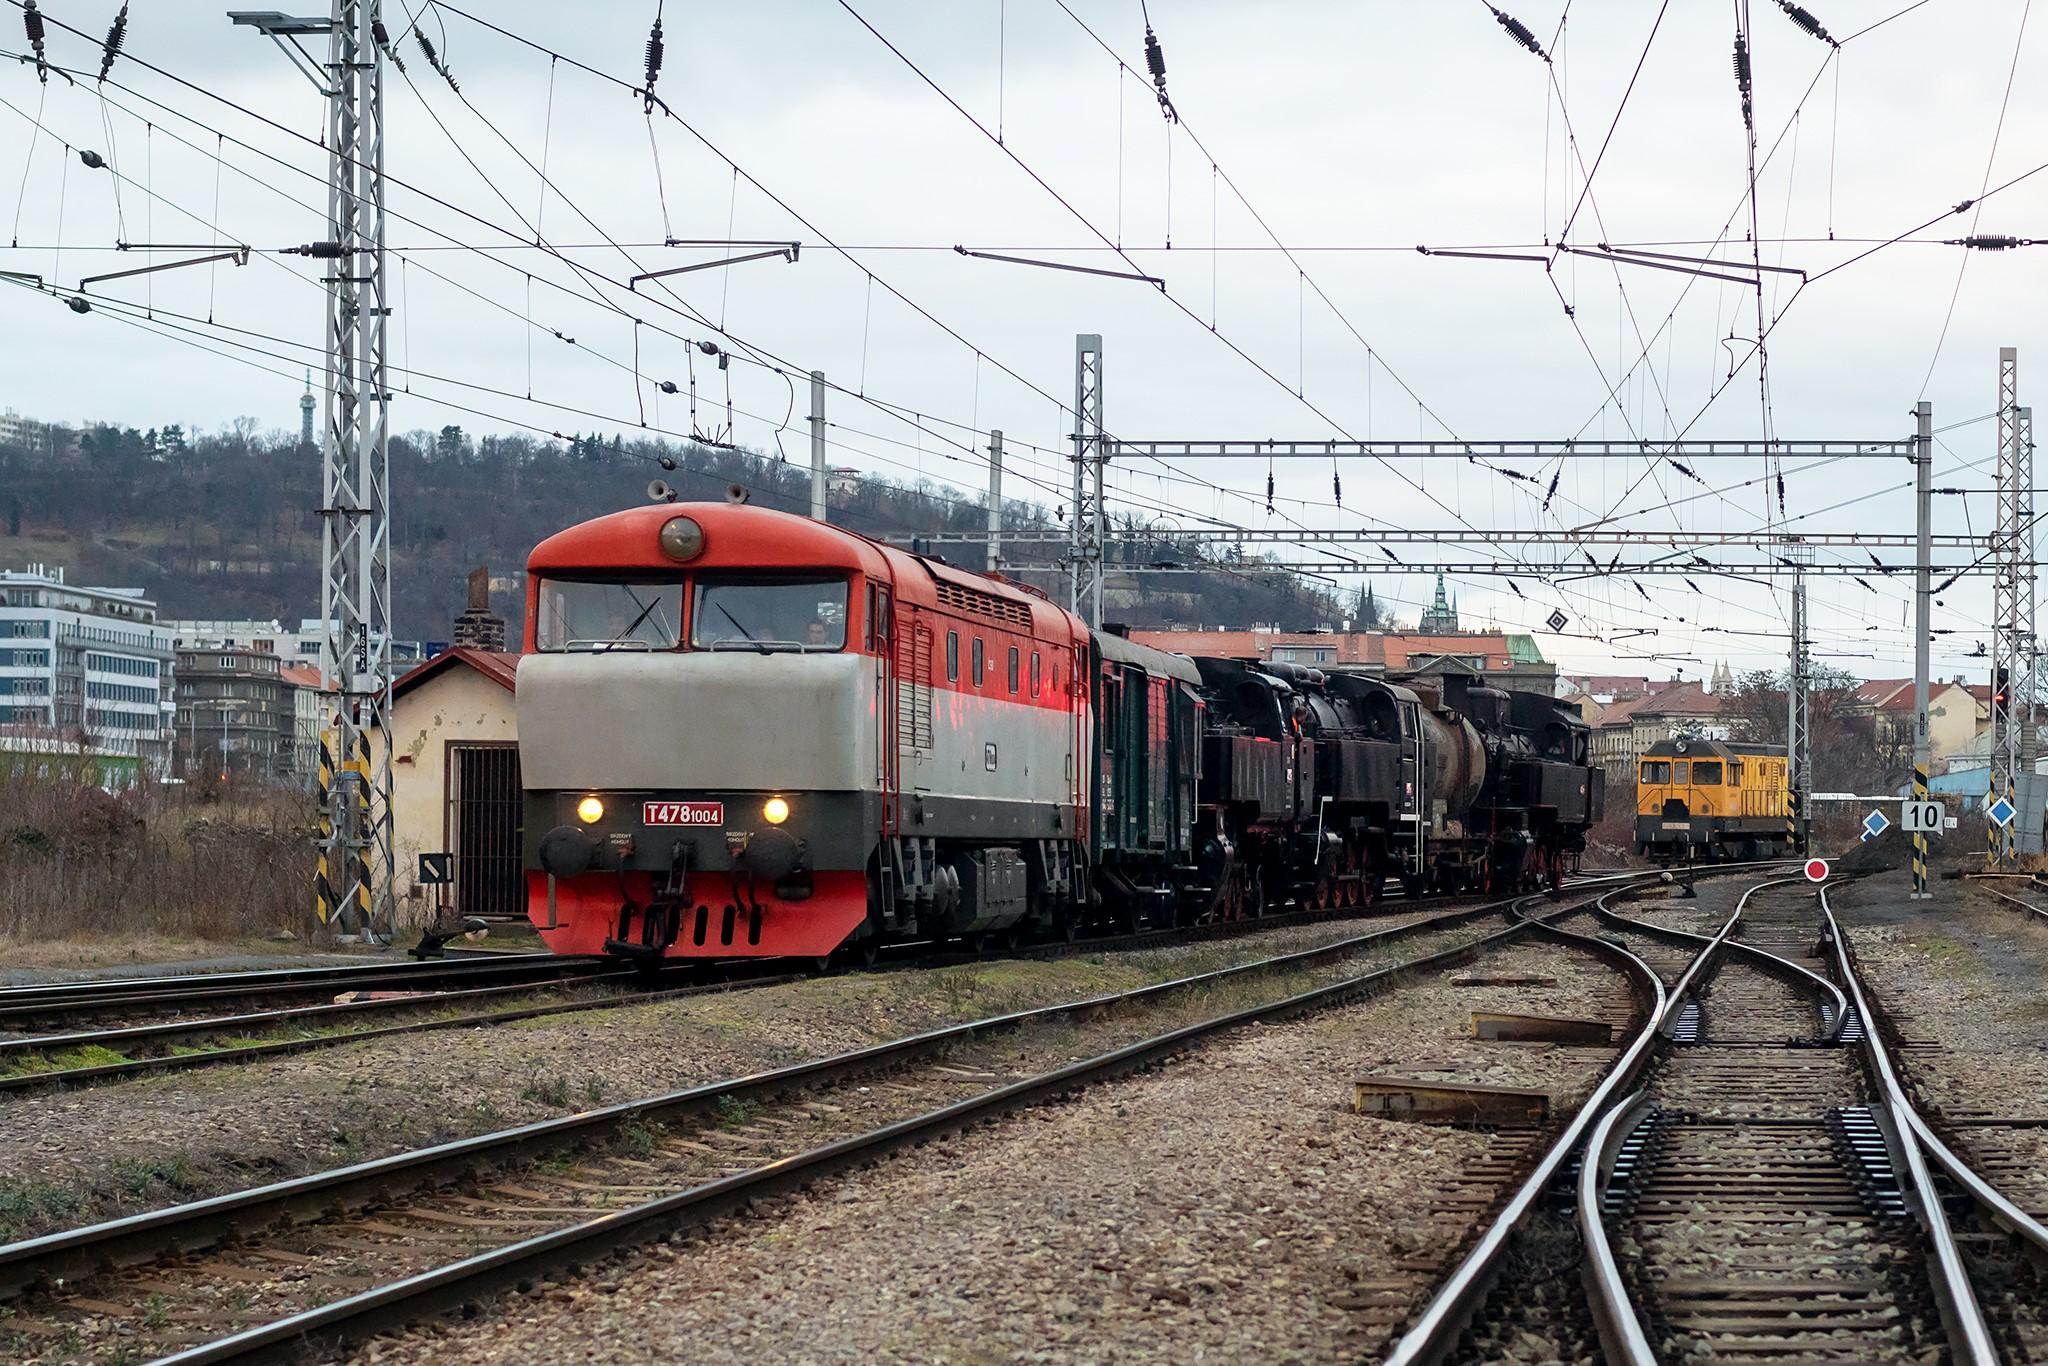 Konvoj s parními lokomotivami na Smíchově. Pramen: Facebook, Dan Fedin